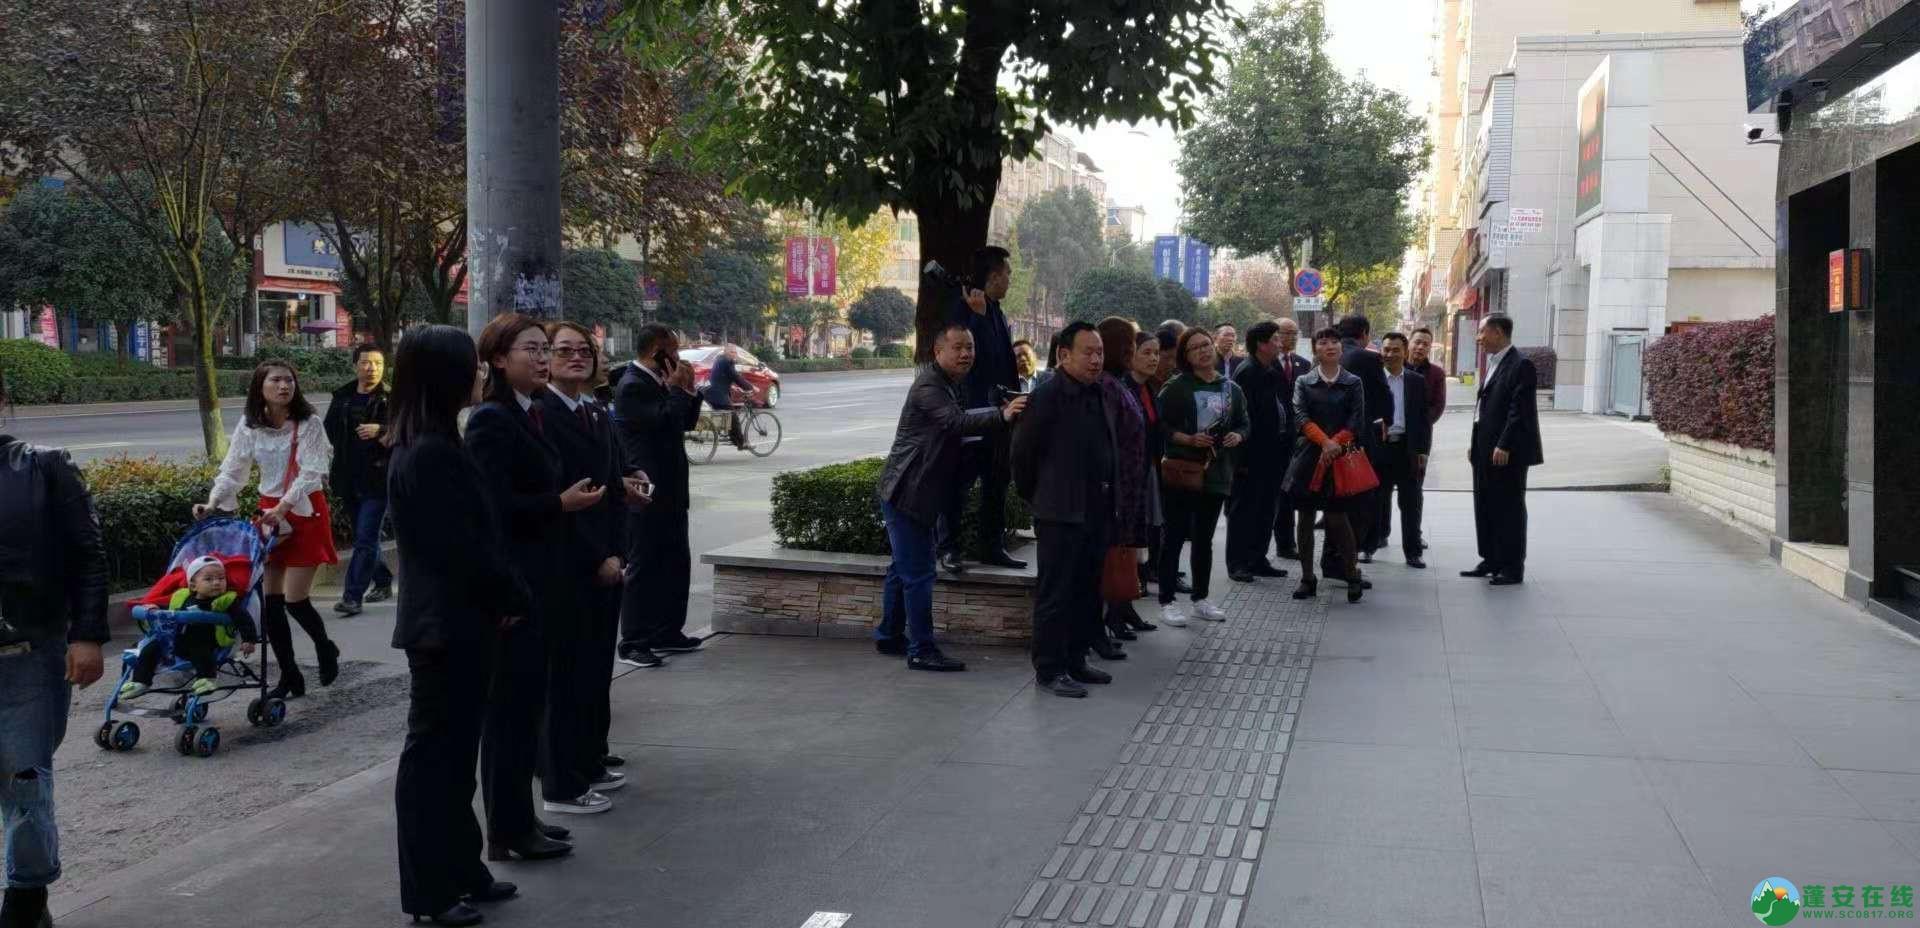 蓬安县人民检察院12309检察服务中心正式宣告挂牌成立 - 第8张  | 蓬安在线